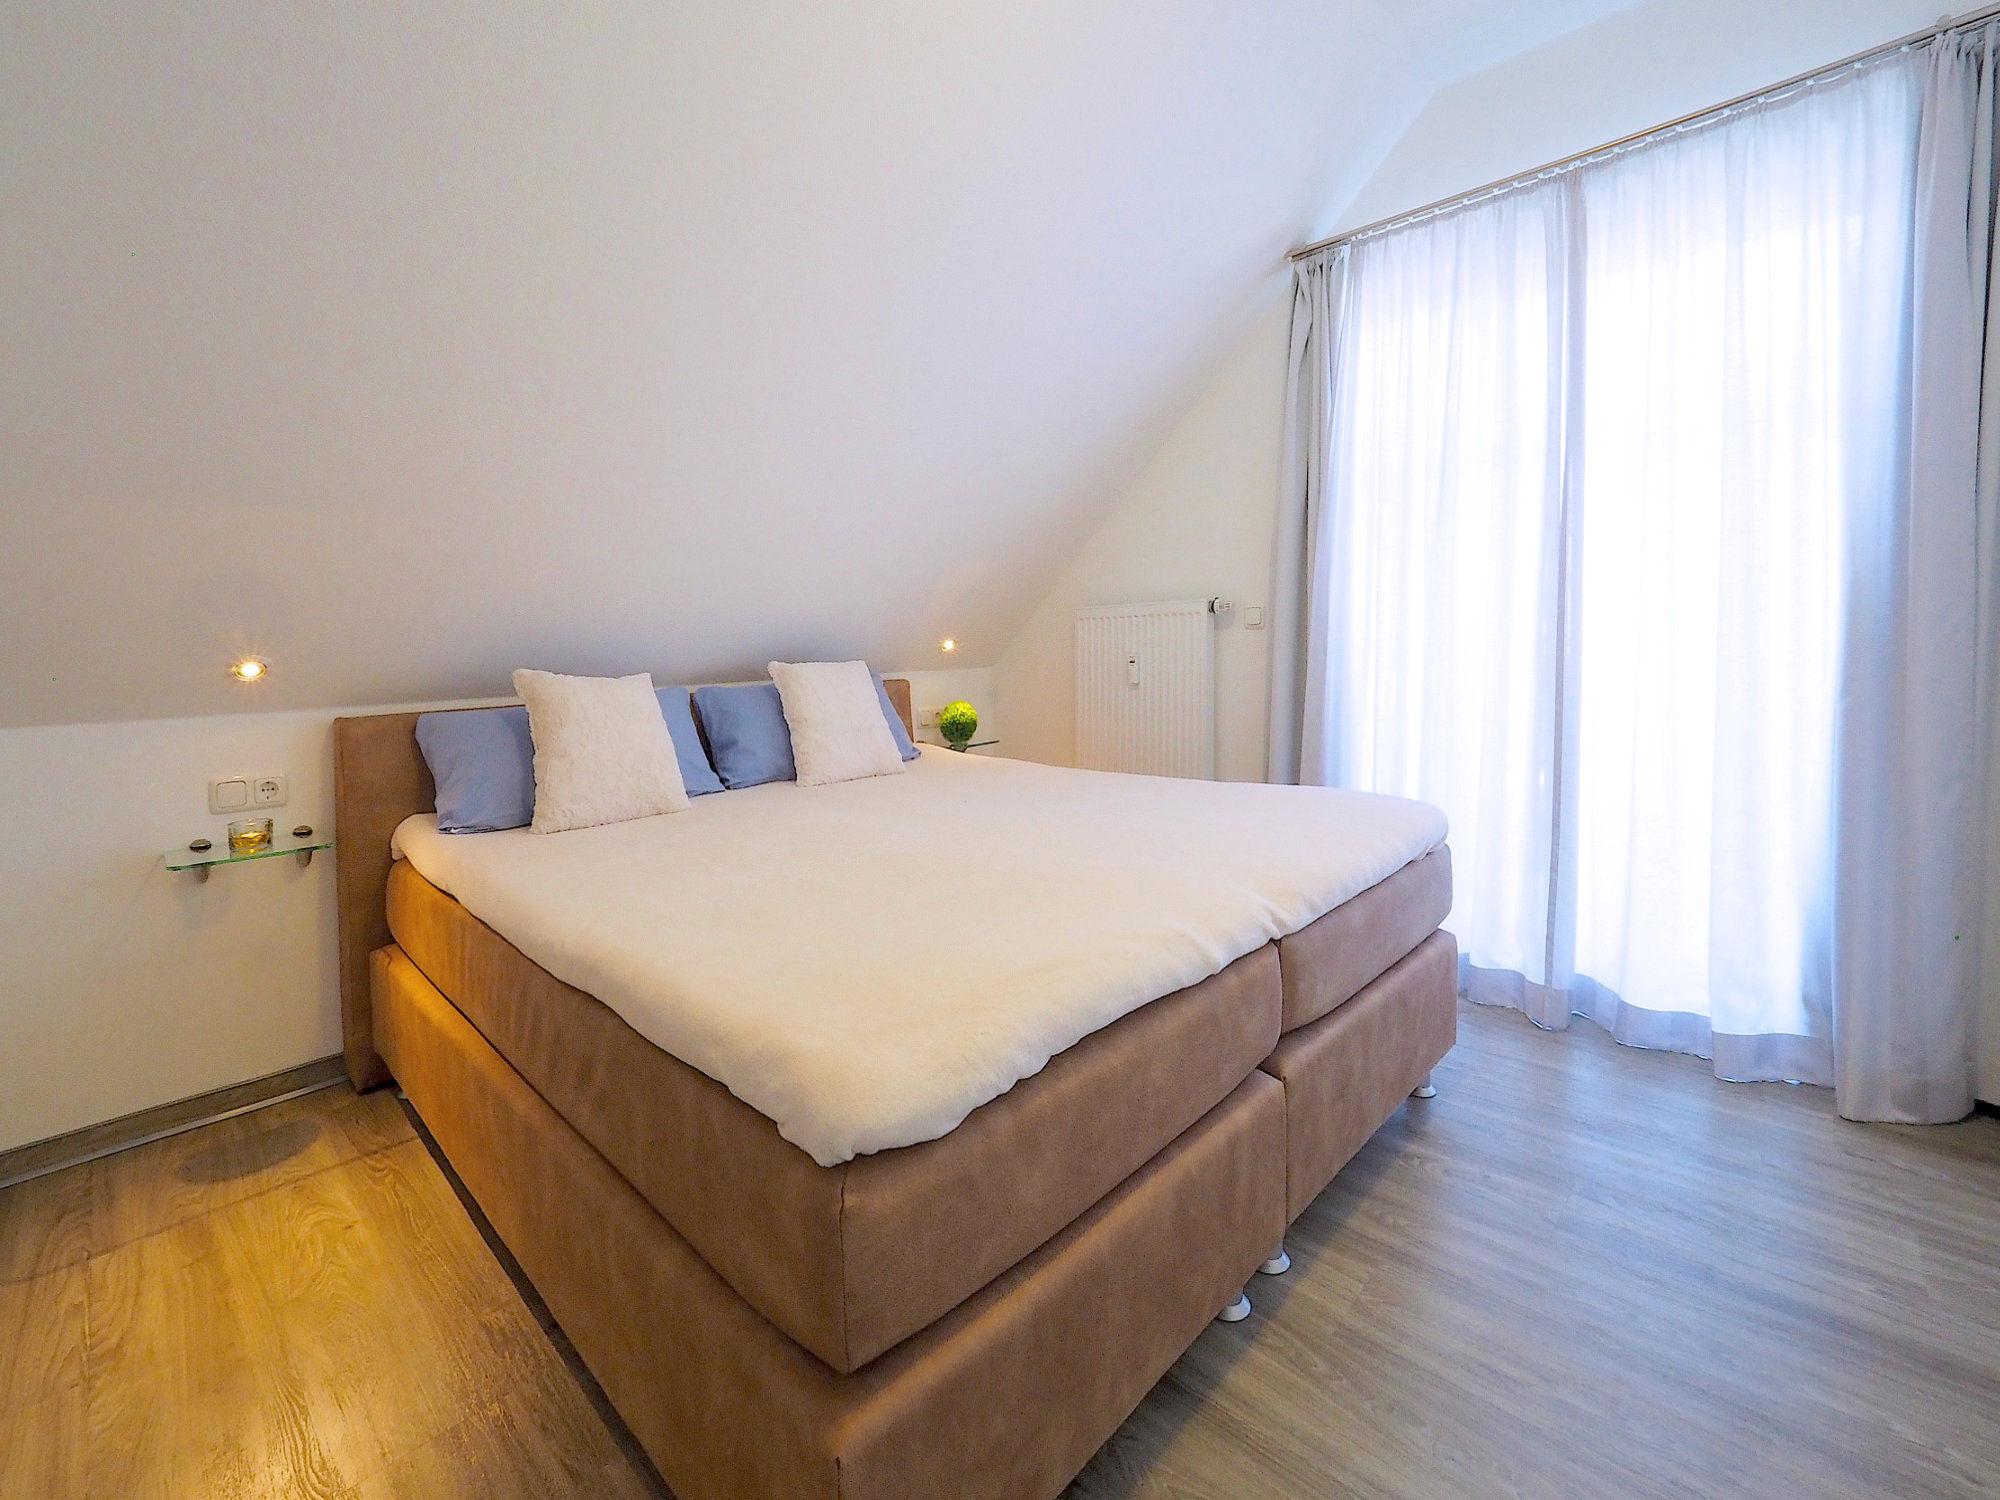 Schlafzimmer mit Doppelbett, rechts davon bodentiefes Fenster